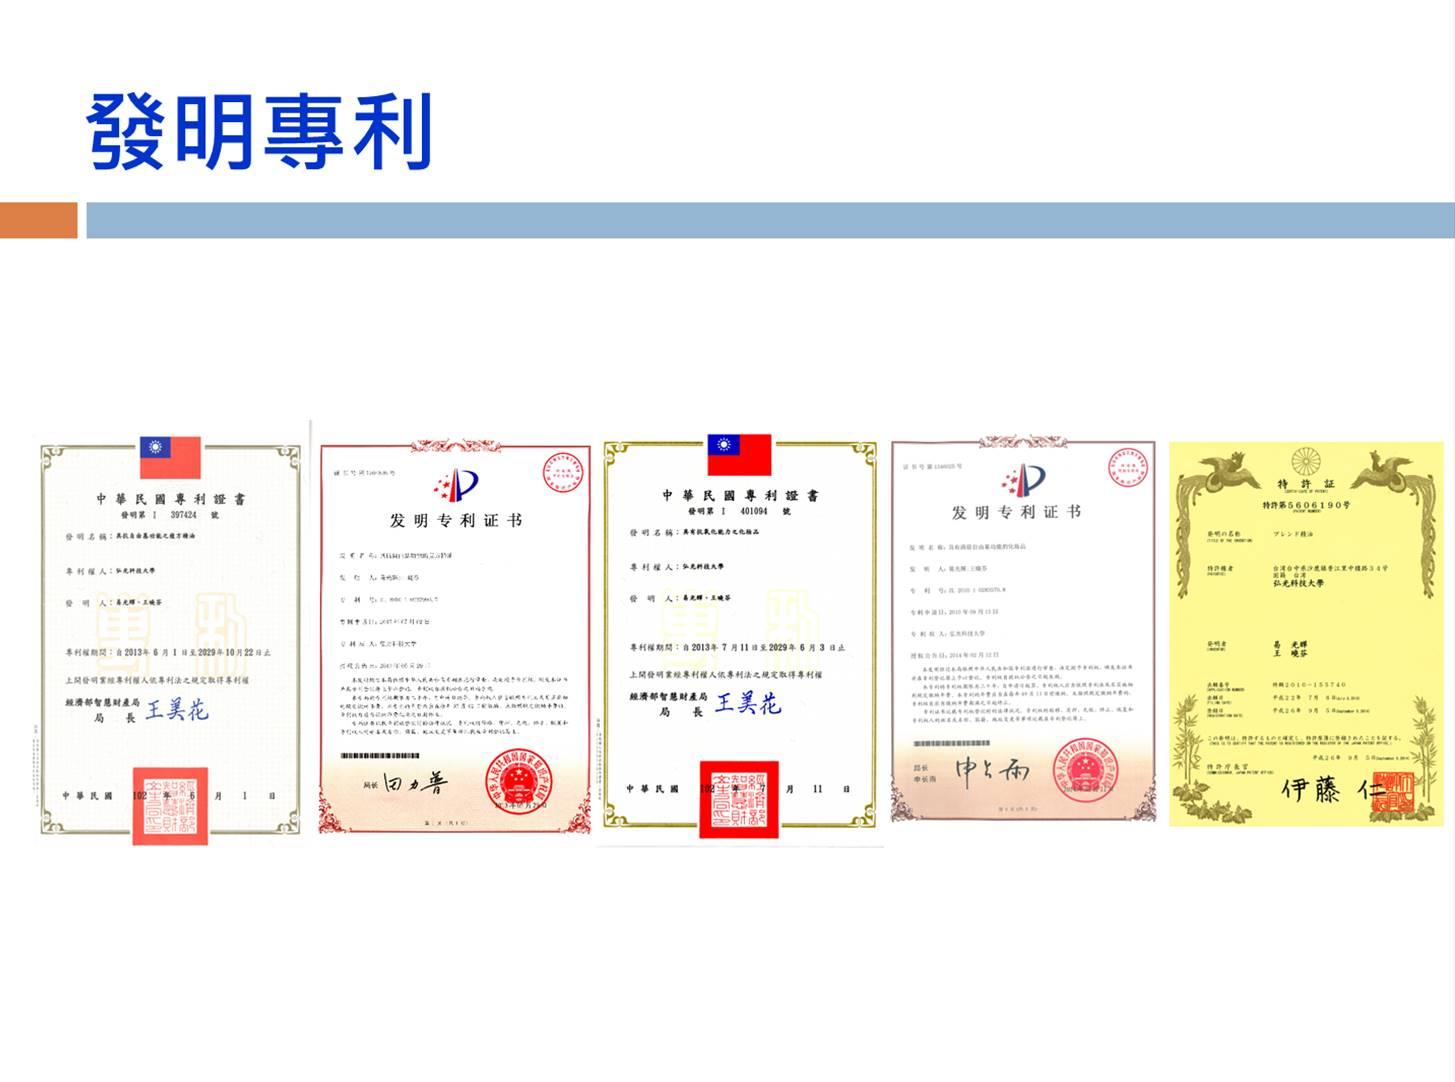 迄今已獲得台灣、日本與中國的發明專利,其衍生的「具有清除人體自由基功能的化妝品配方」亦已獲得台灣與中國的發明專利